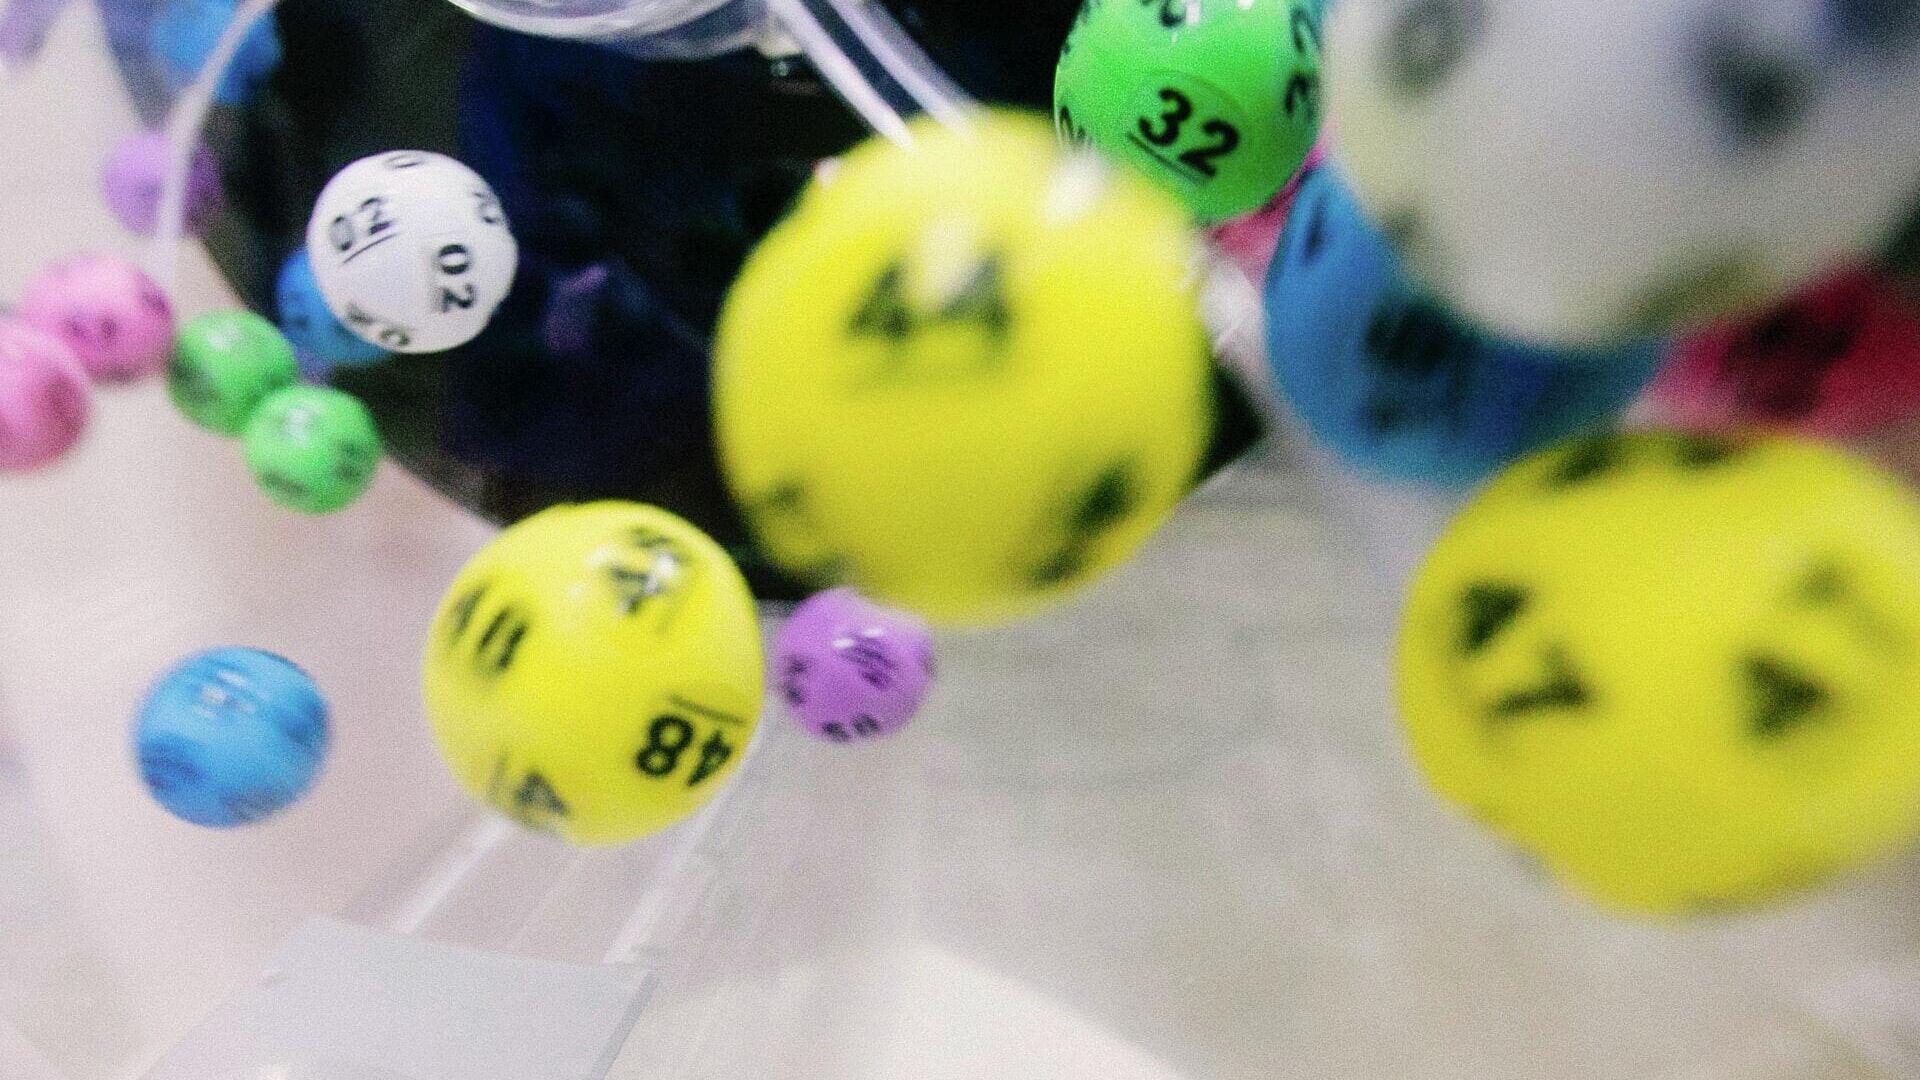 Lotería, Imagen referencial  - Sputnik Mundo, 1920, 27.09.2021